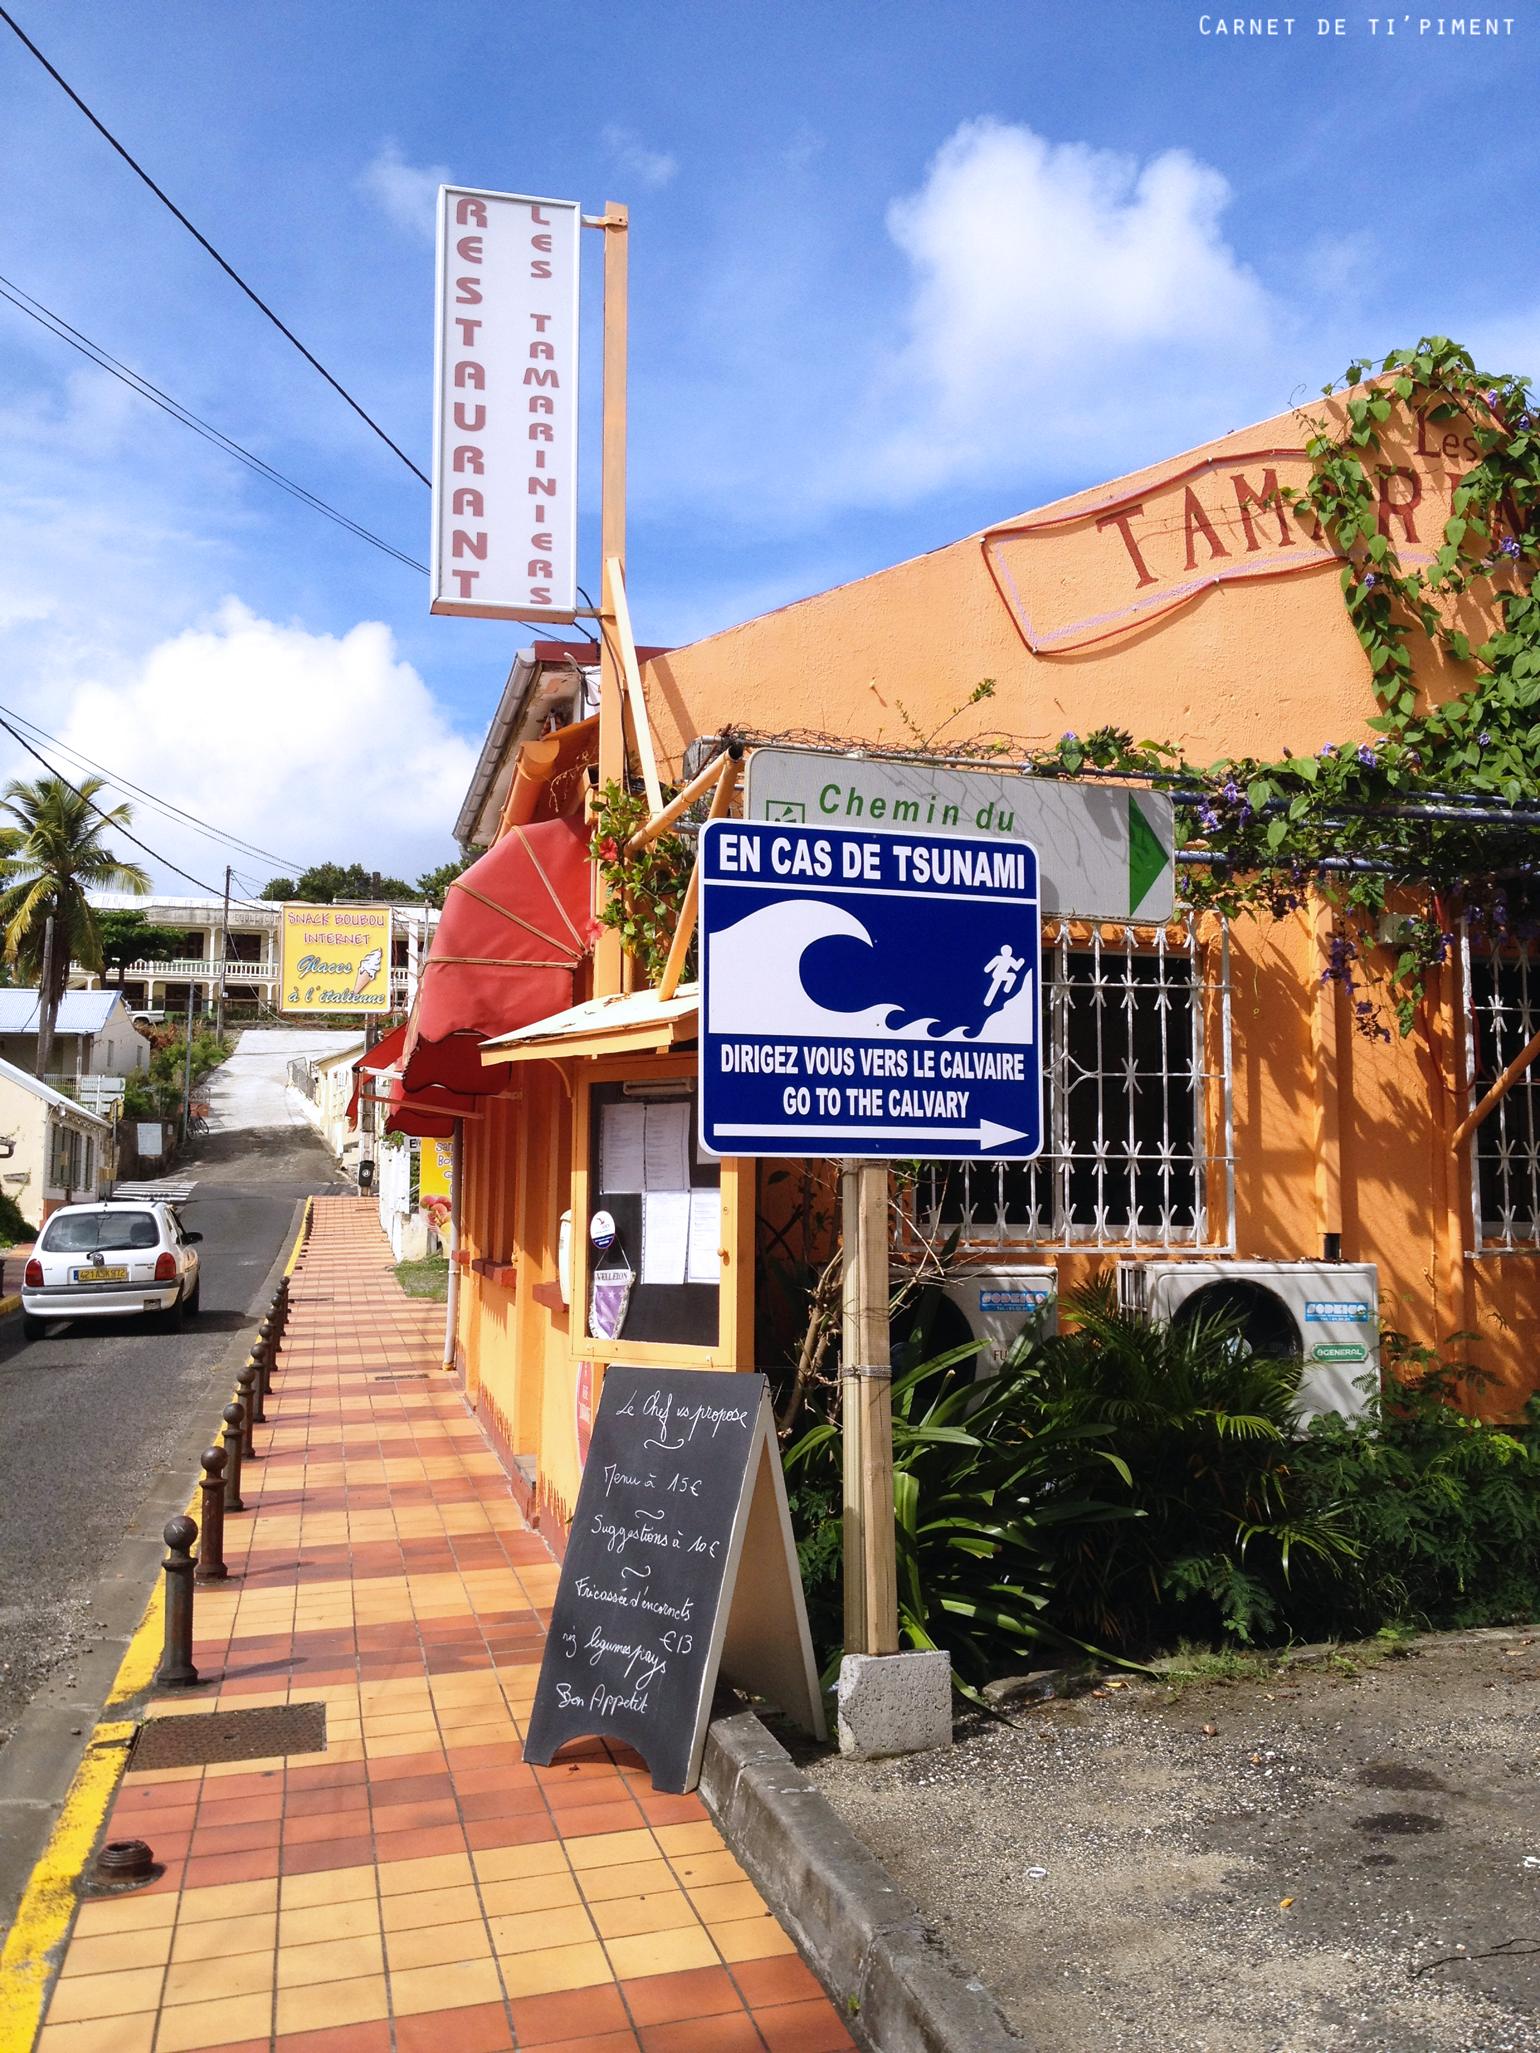 st-anne-tsunami